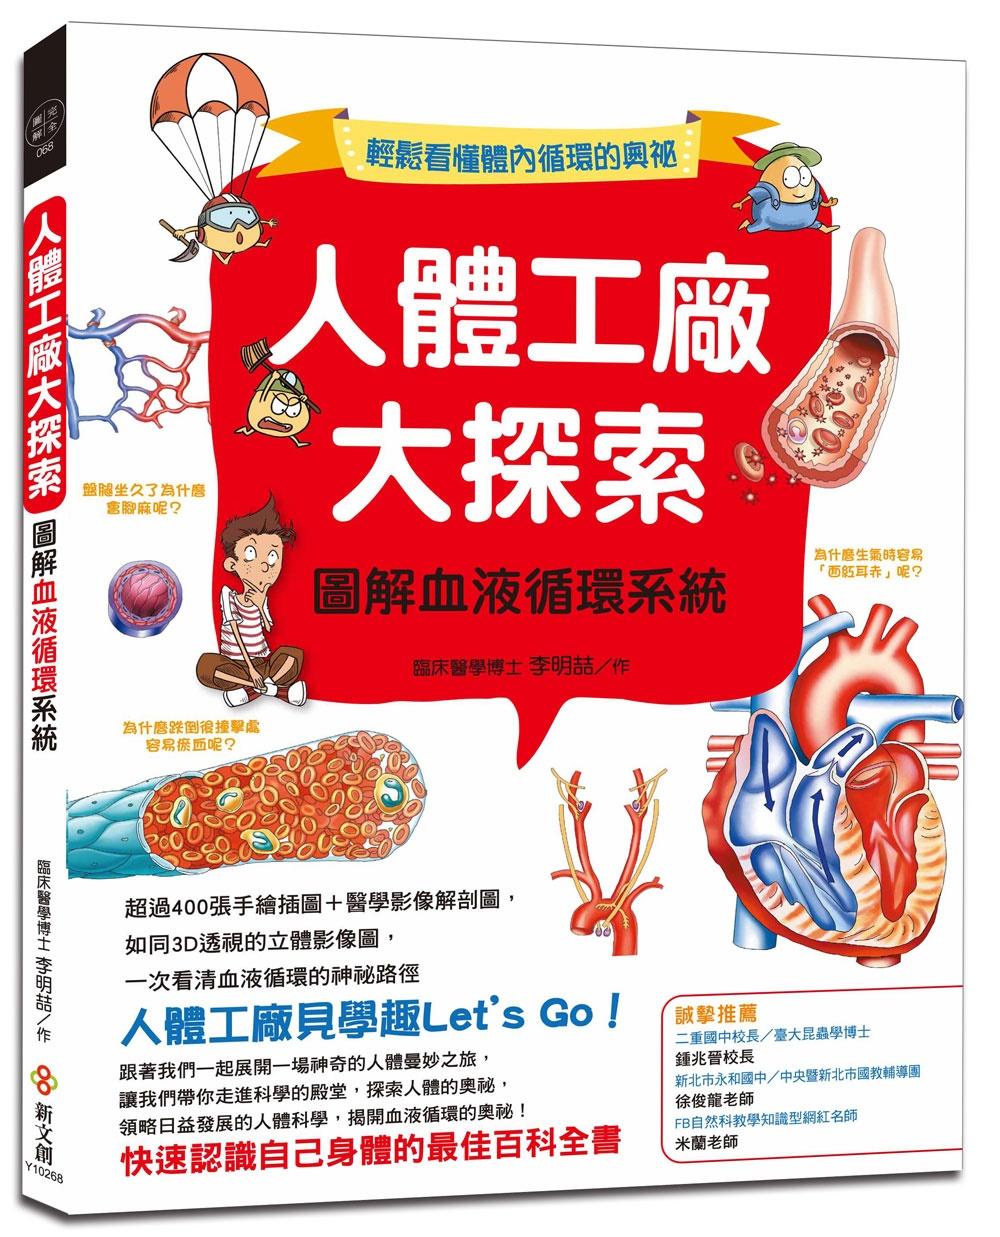 人體工廠大探索:圖解血液循環系統:超過400張手繪插圖+醫學影像解剖圖,如同3D透視的立體影像圖,一次看清血液循環的神祕路徑